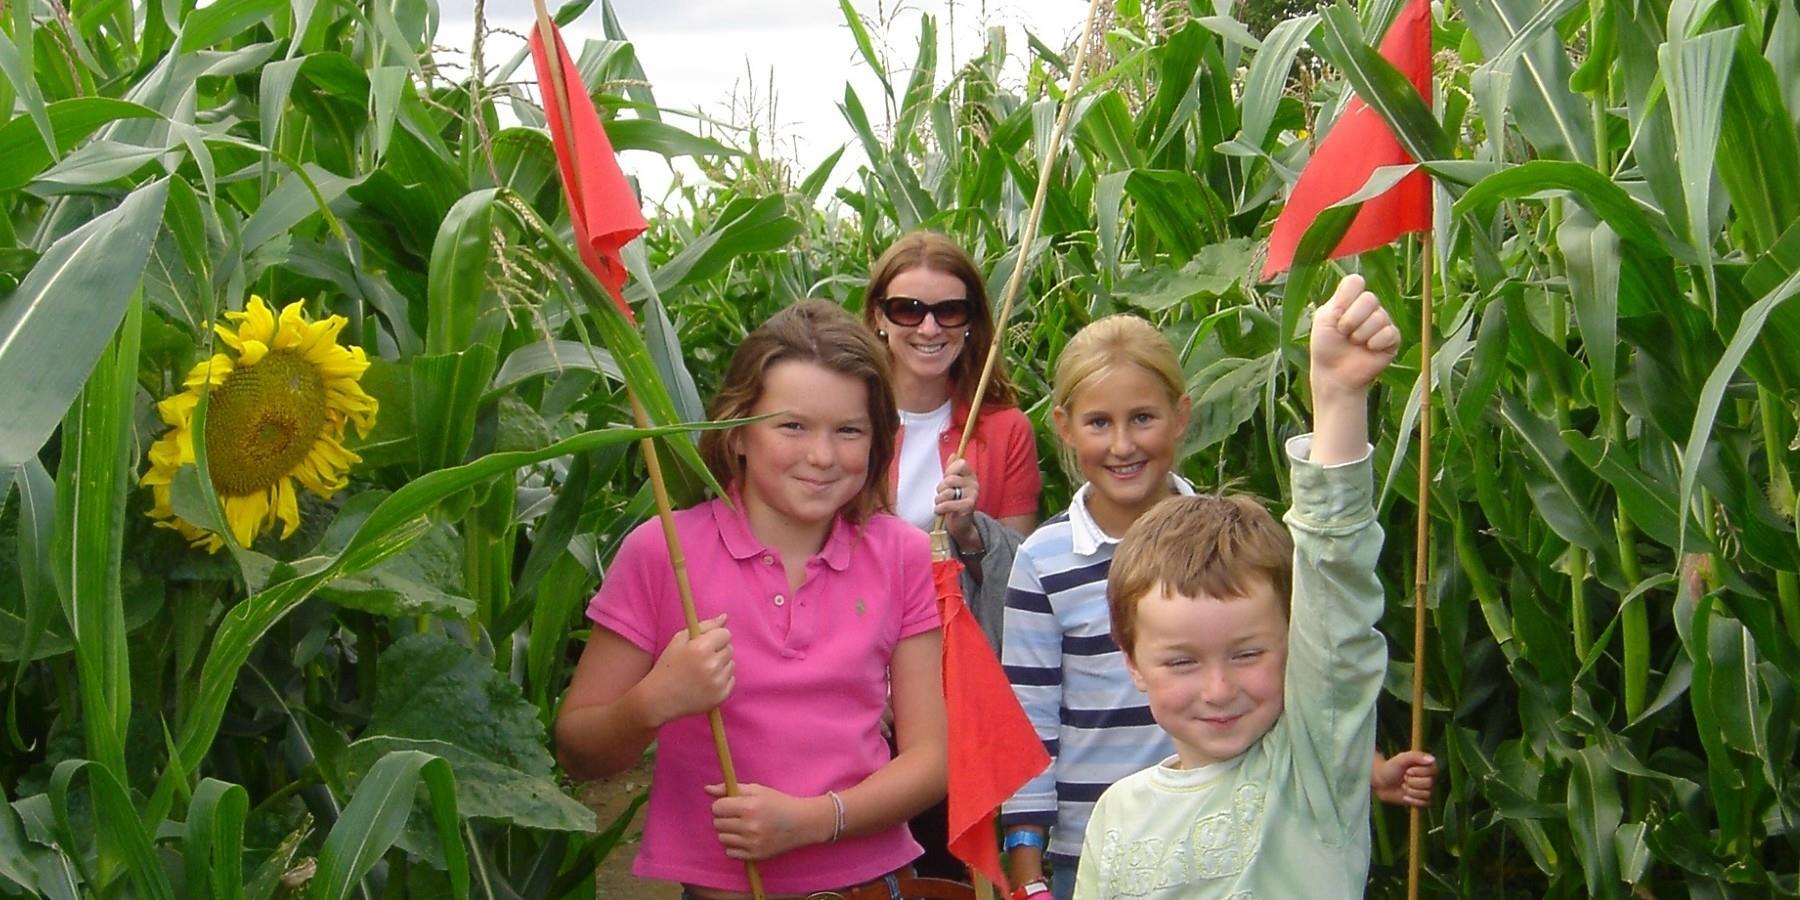 Family walking through maze